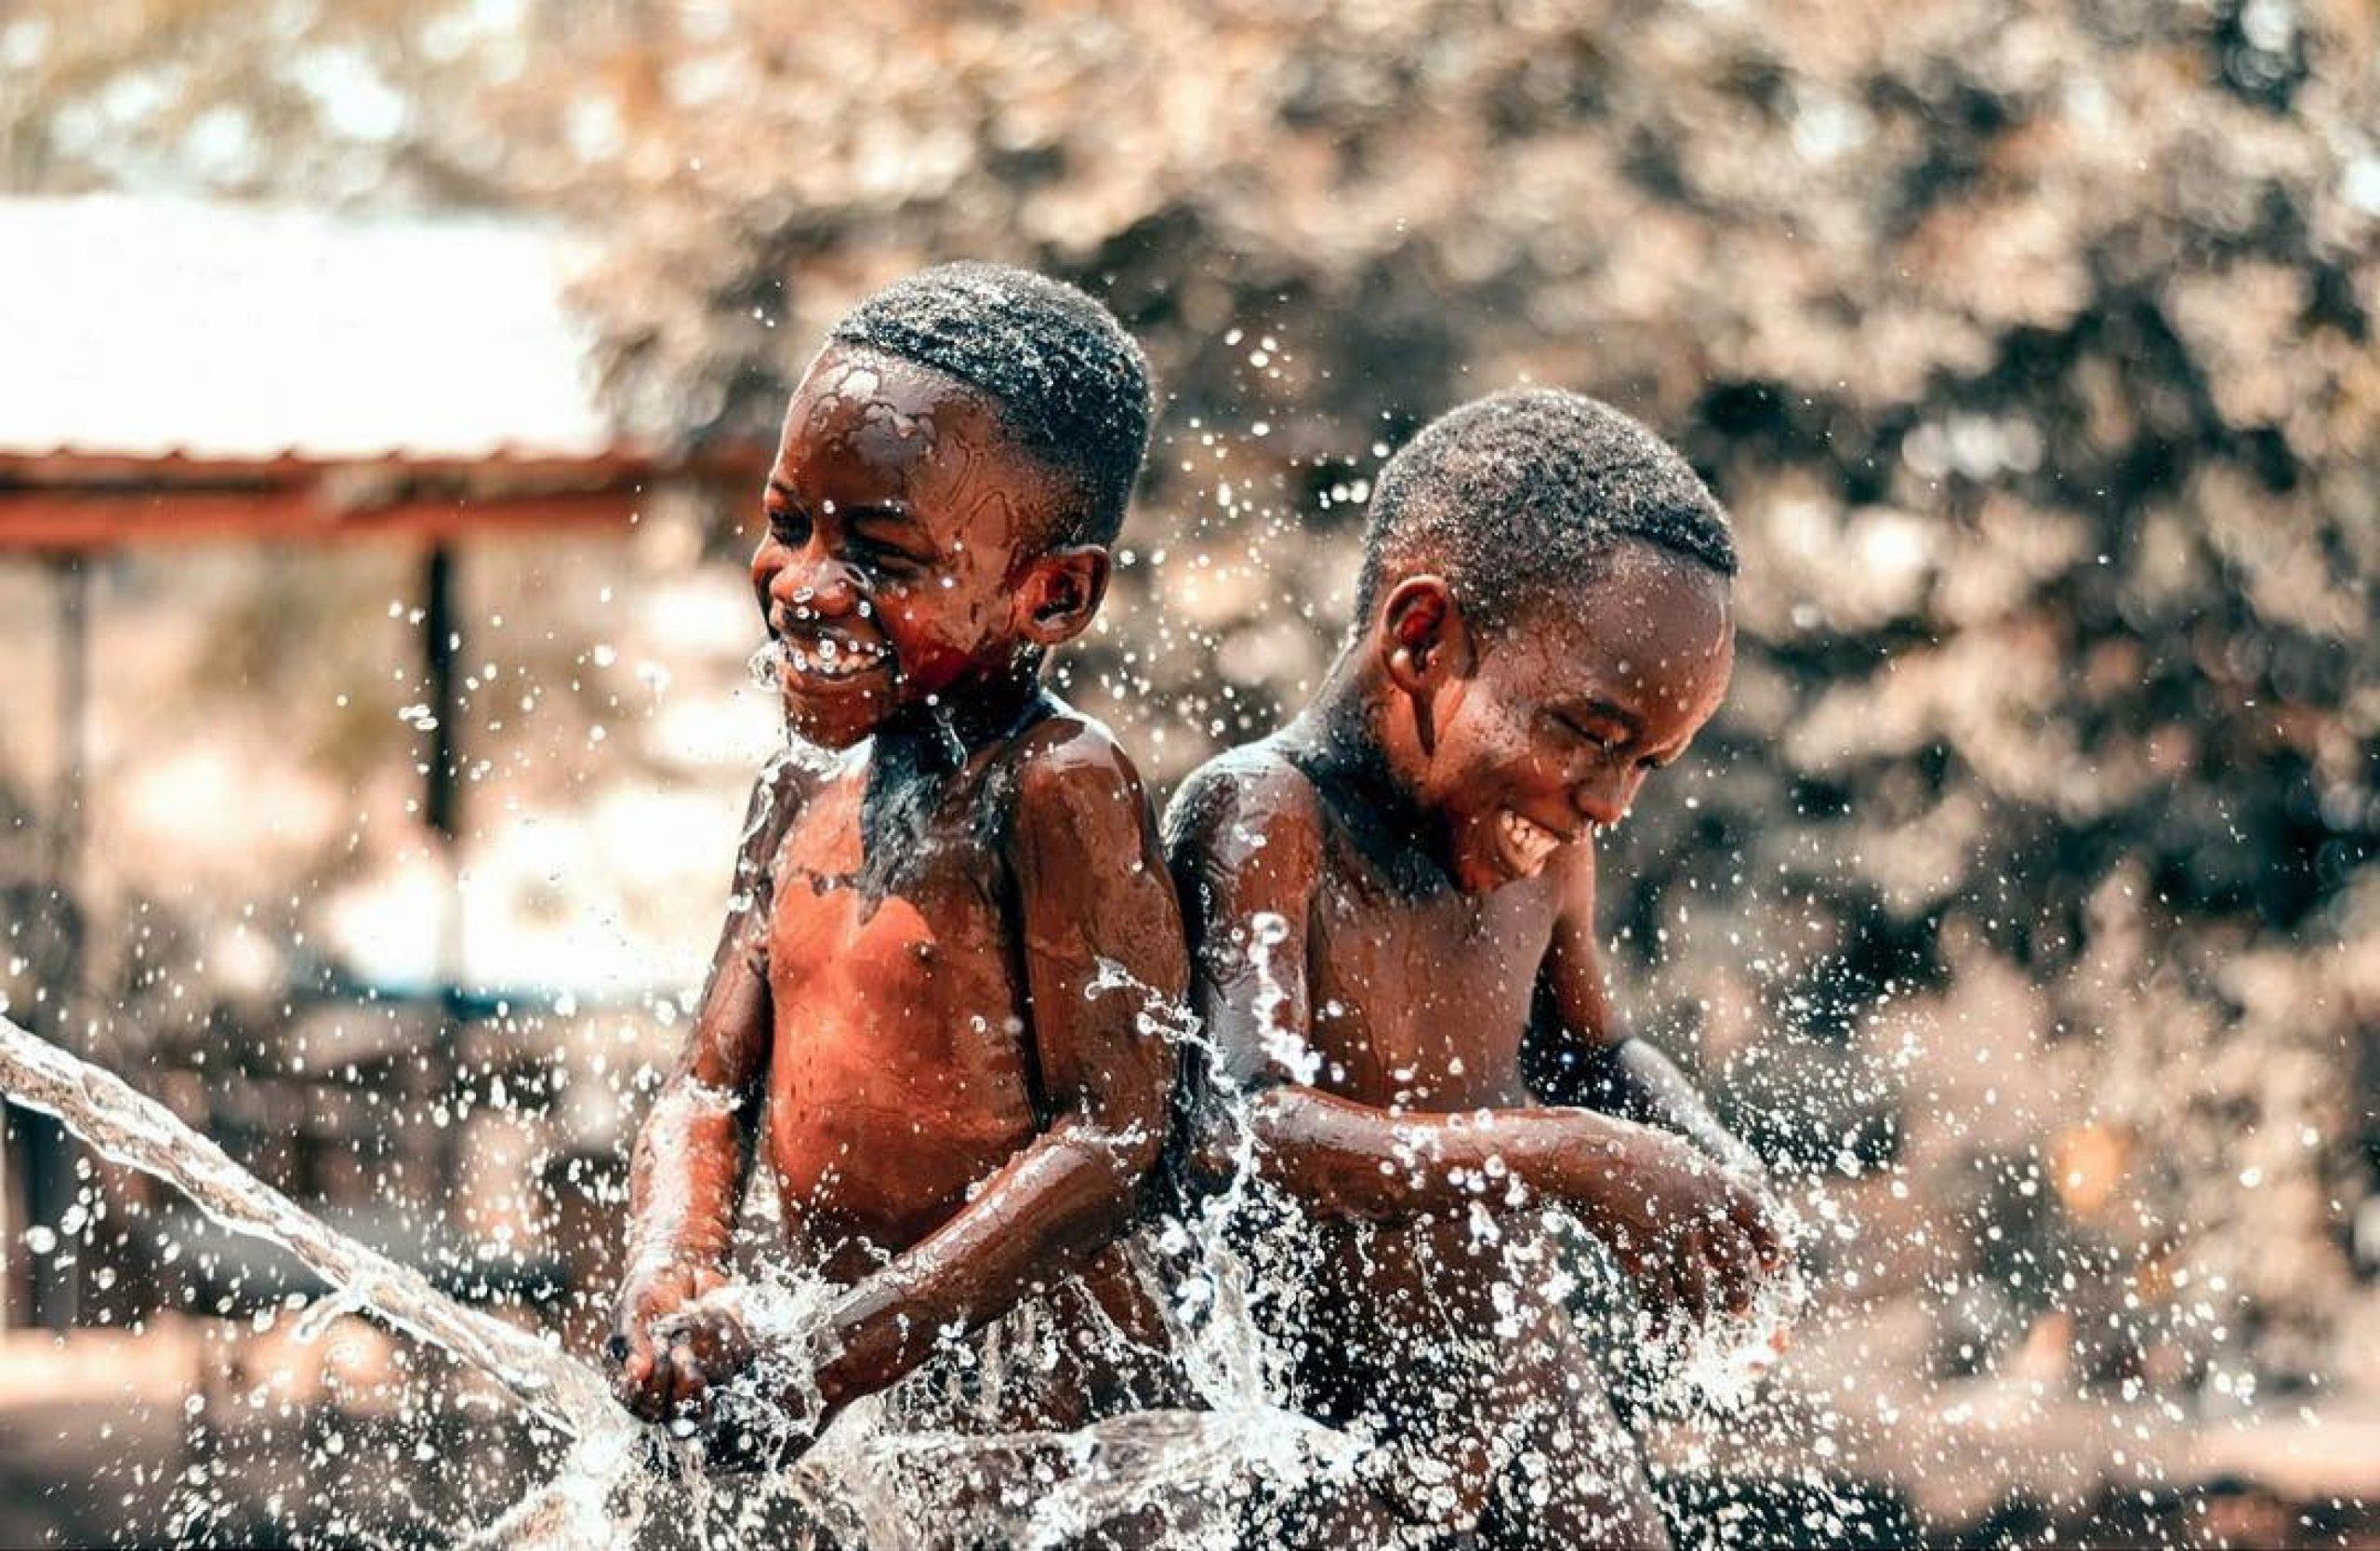 Wir lieben Innovationen im Wassersektor